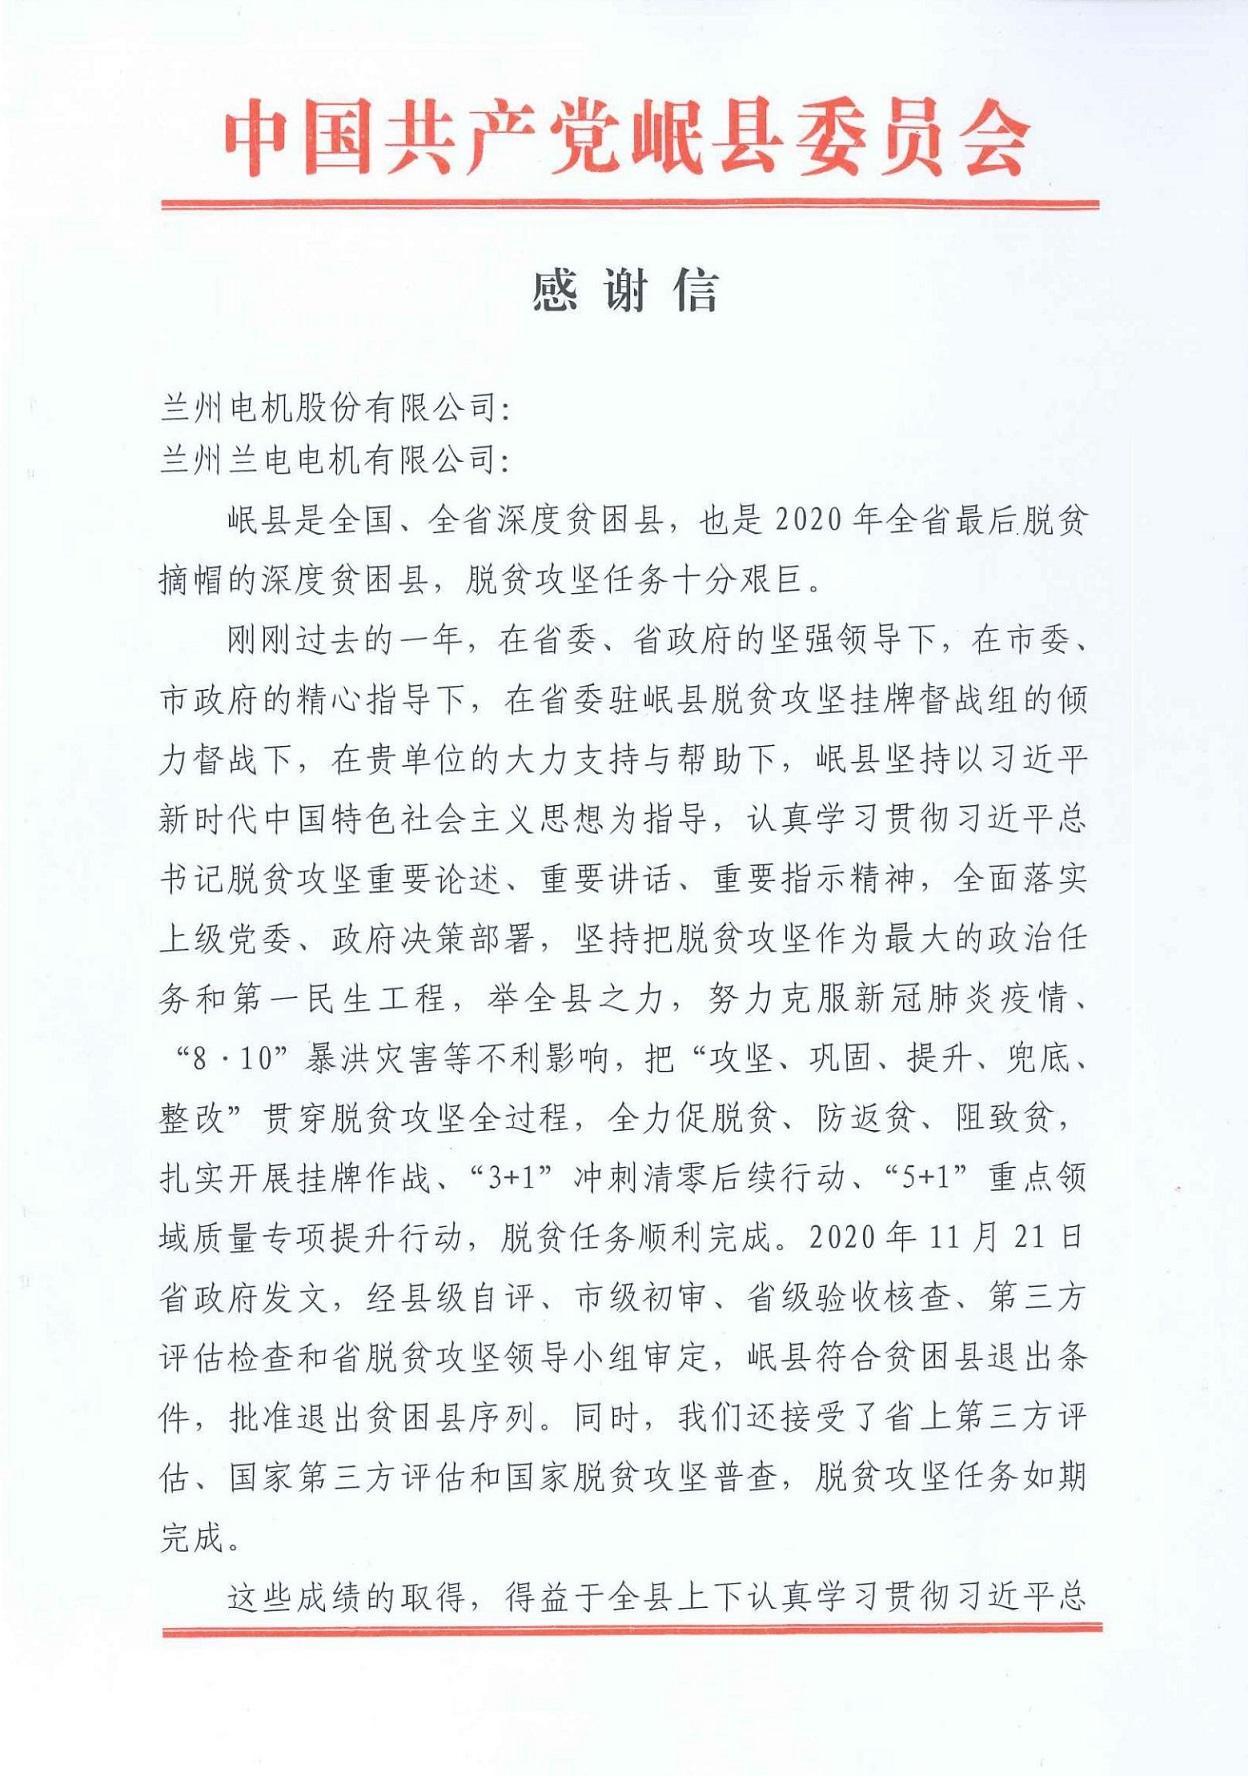 真心帮扶办实事 情系群众解民忧  —岷县县委县政府为兰电公司送来锦旗和感谢信